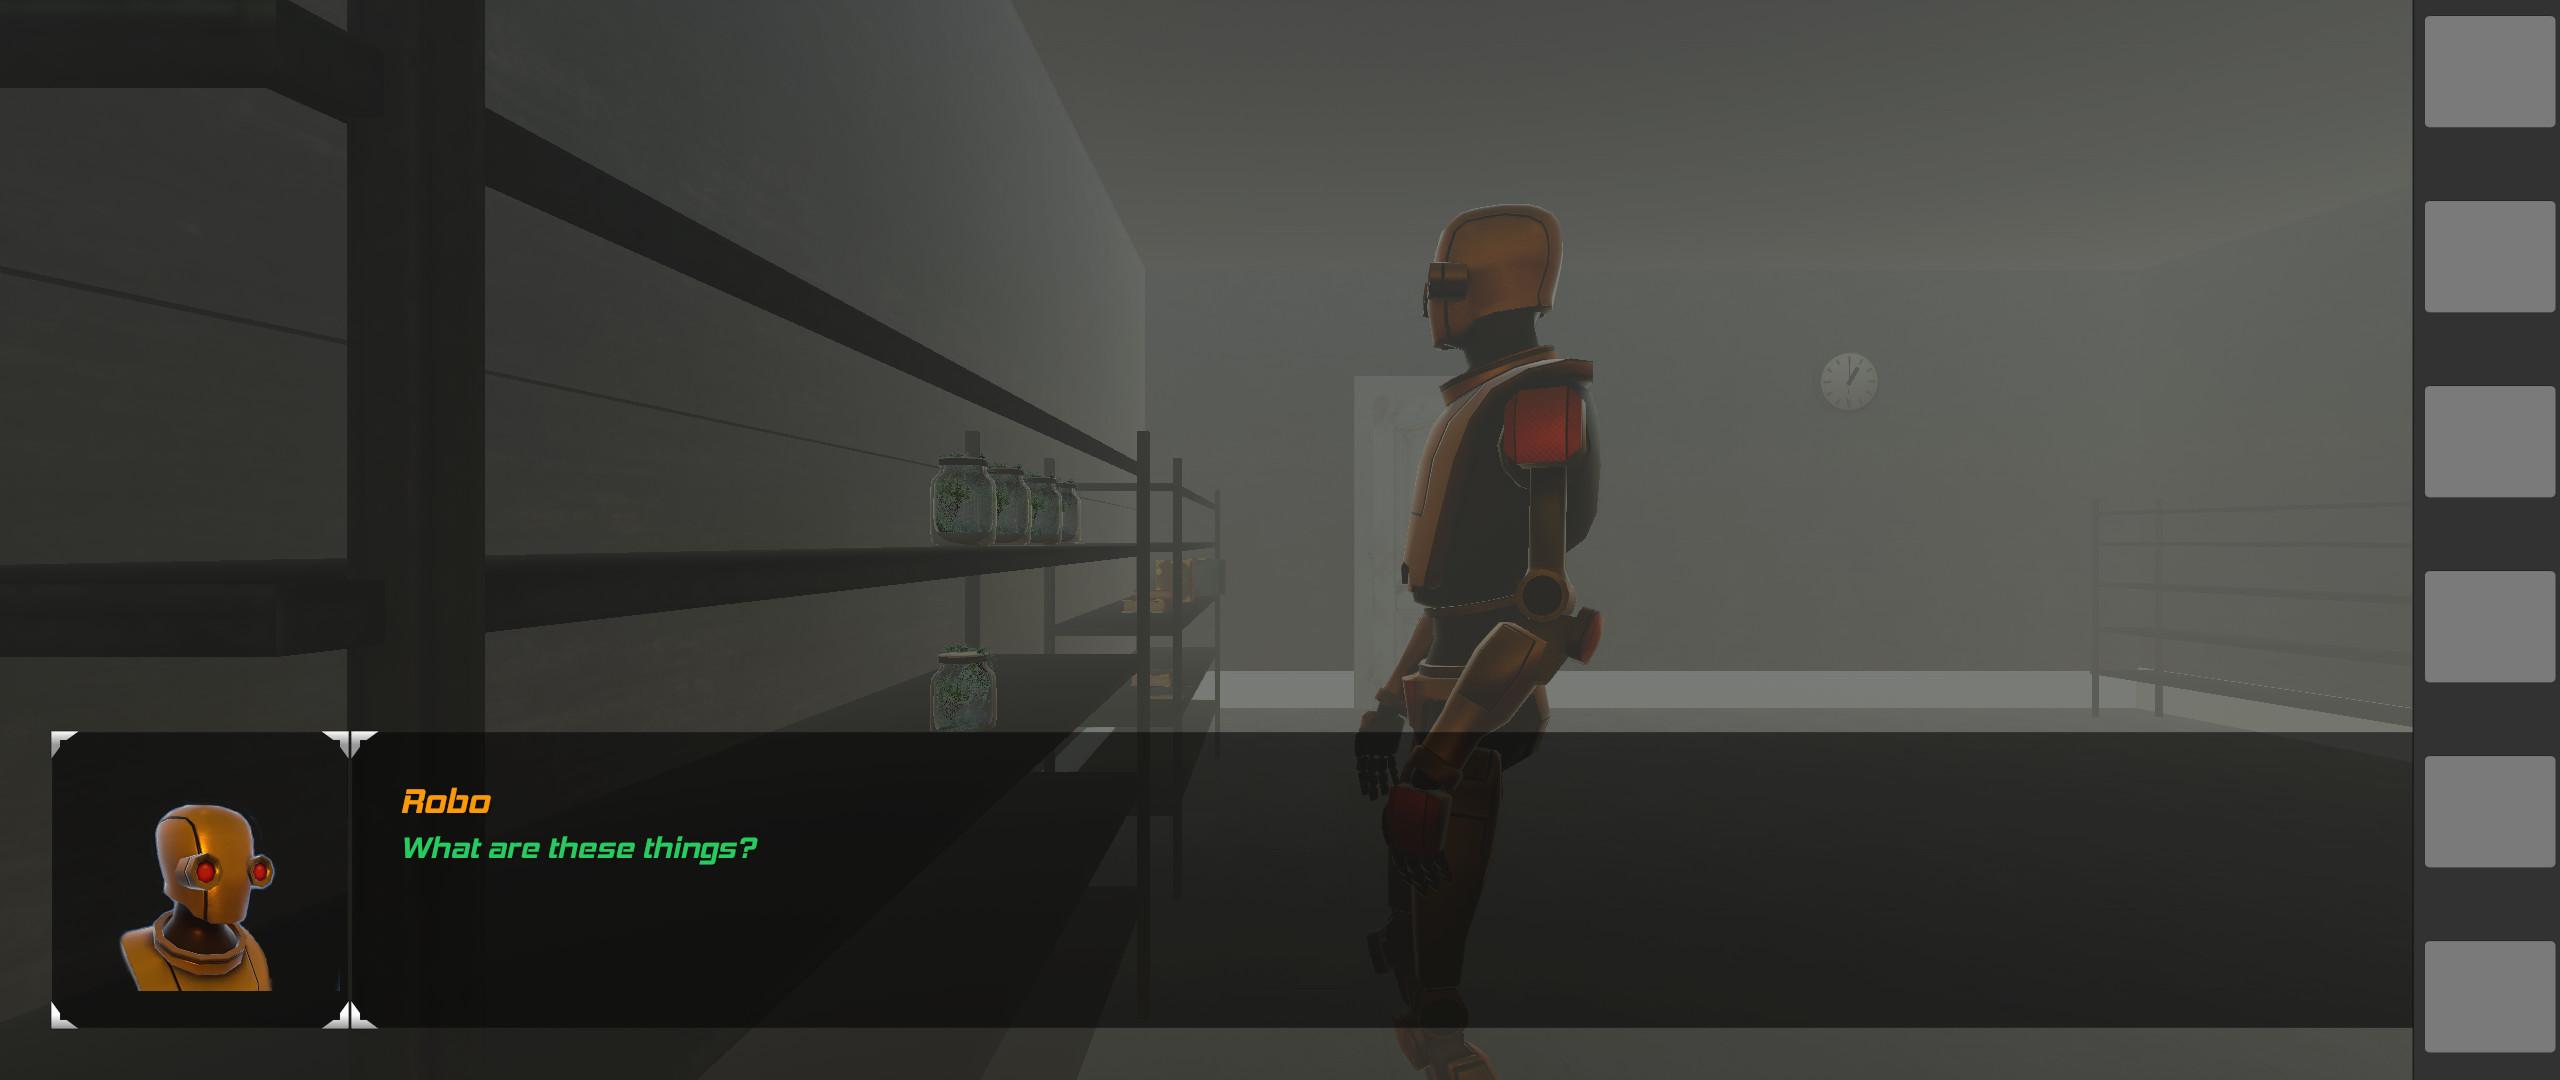 Small Town Robot screenshot